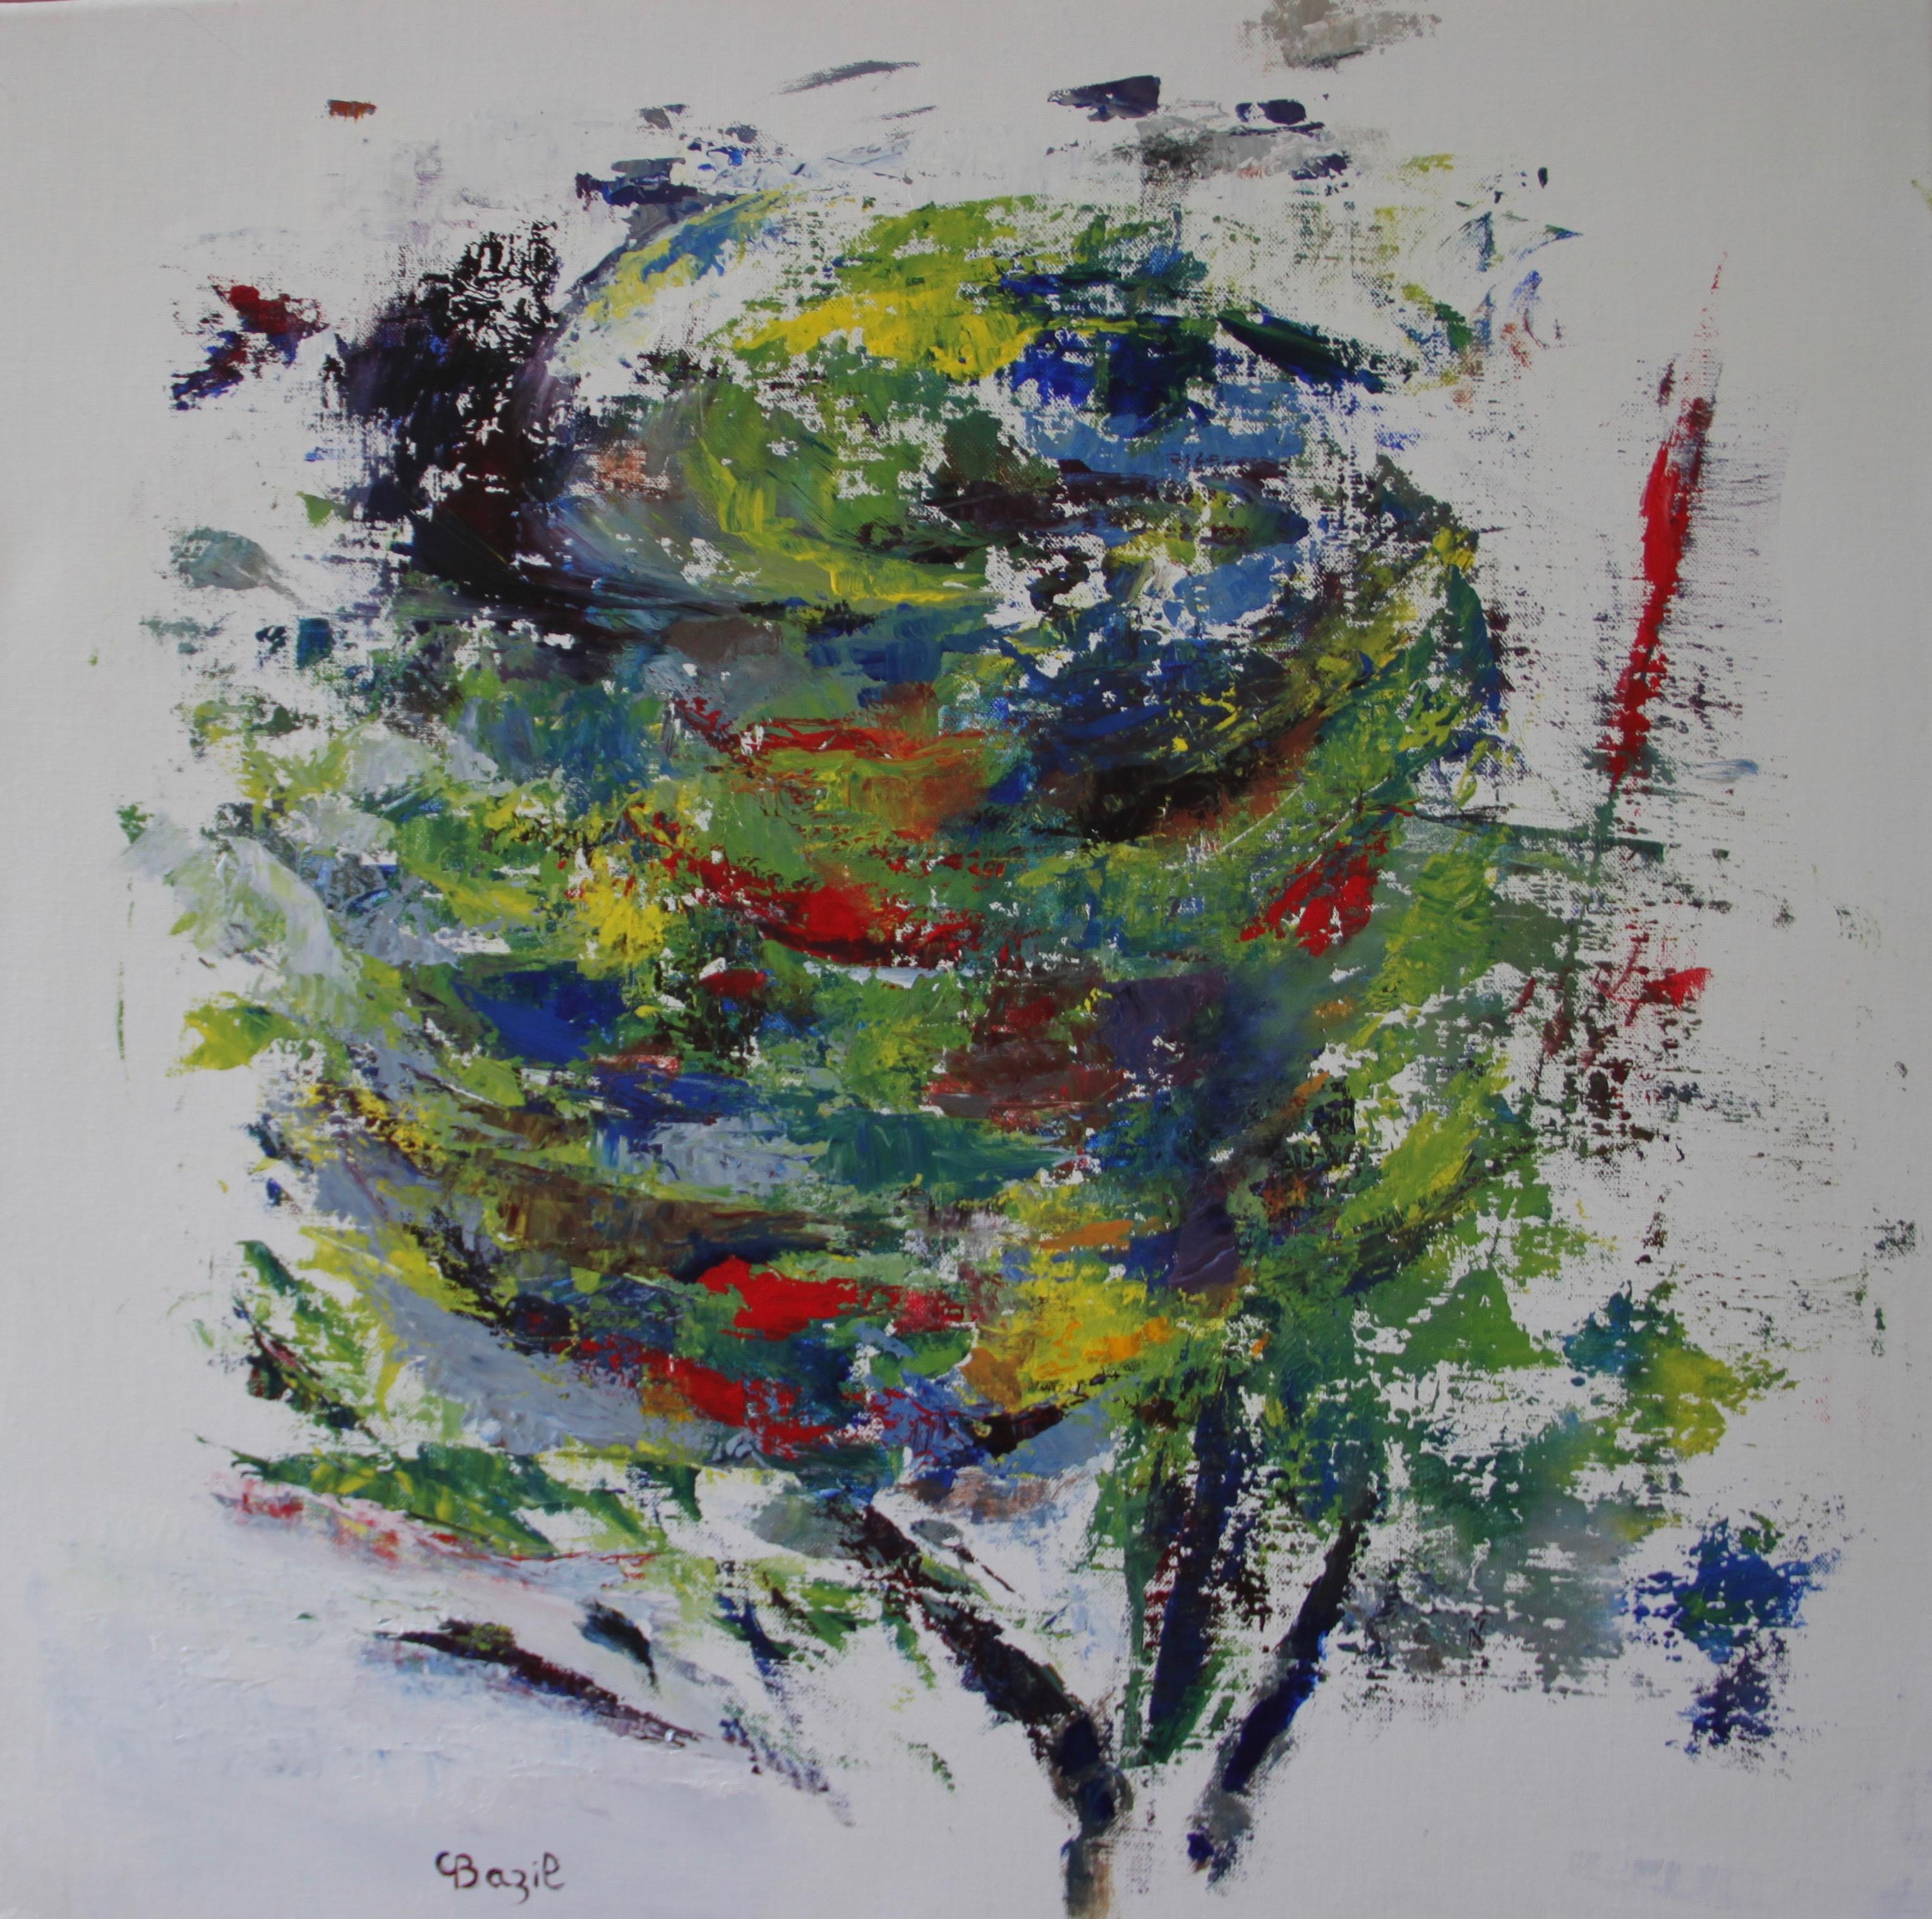 L'arbre généreux, 60 x 60